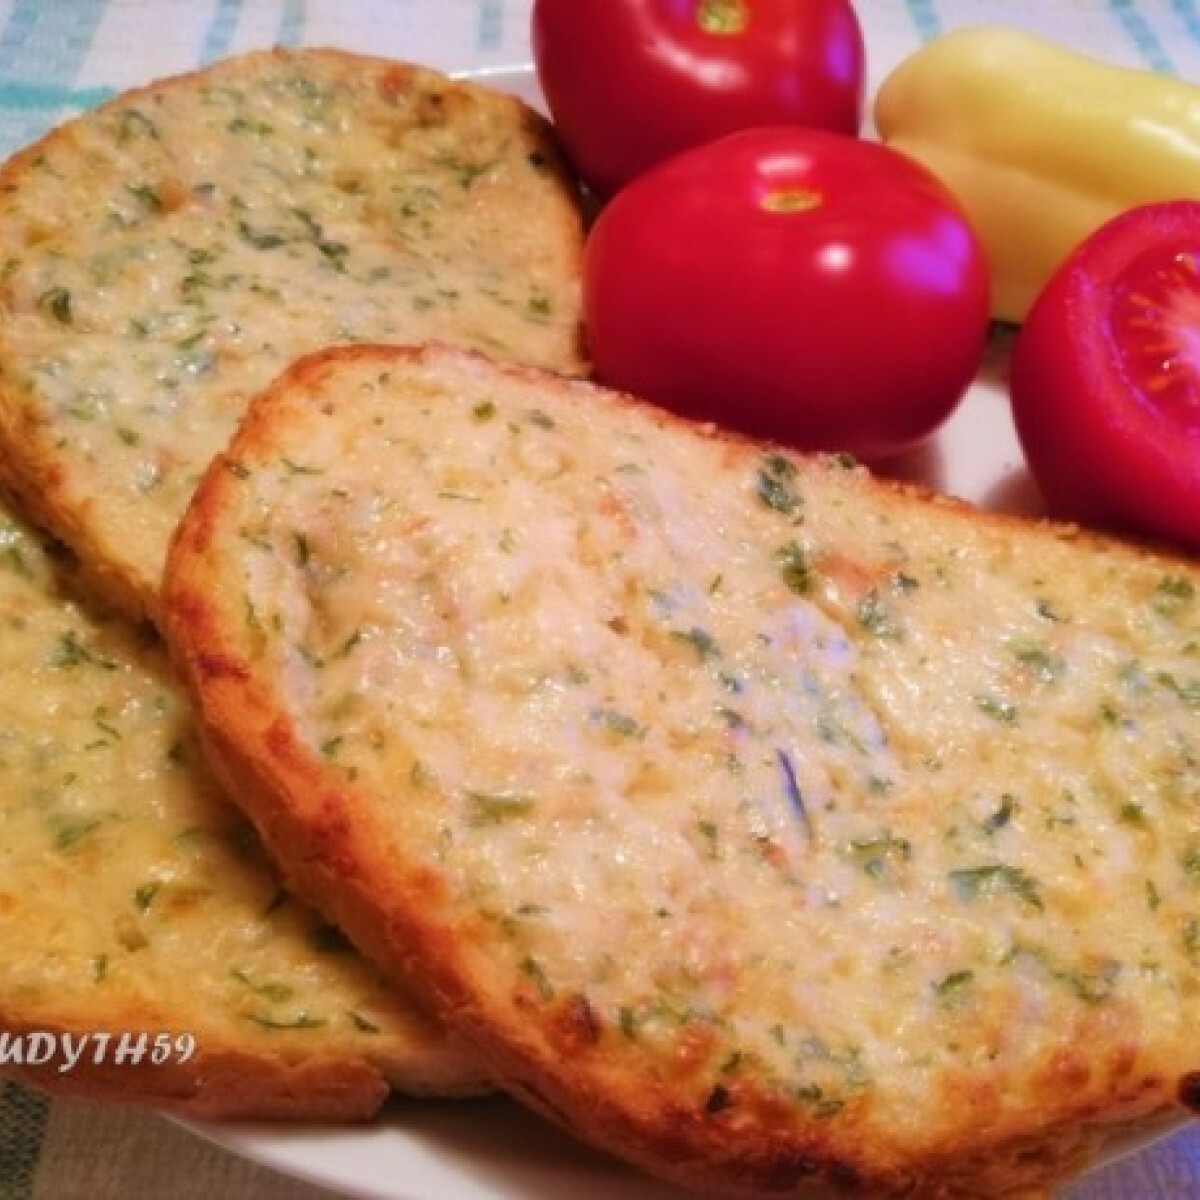 Sajtos-vajas fokhagymakrém melegszendvicsre/szendvicsre